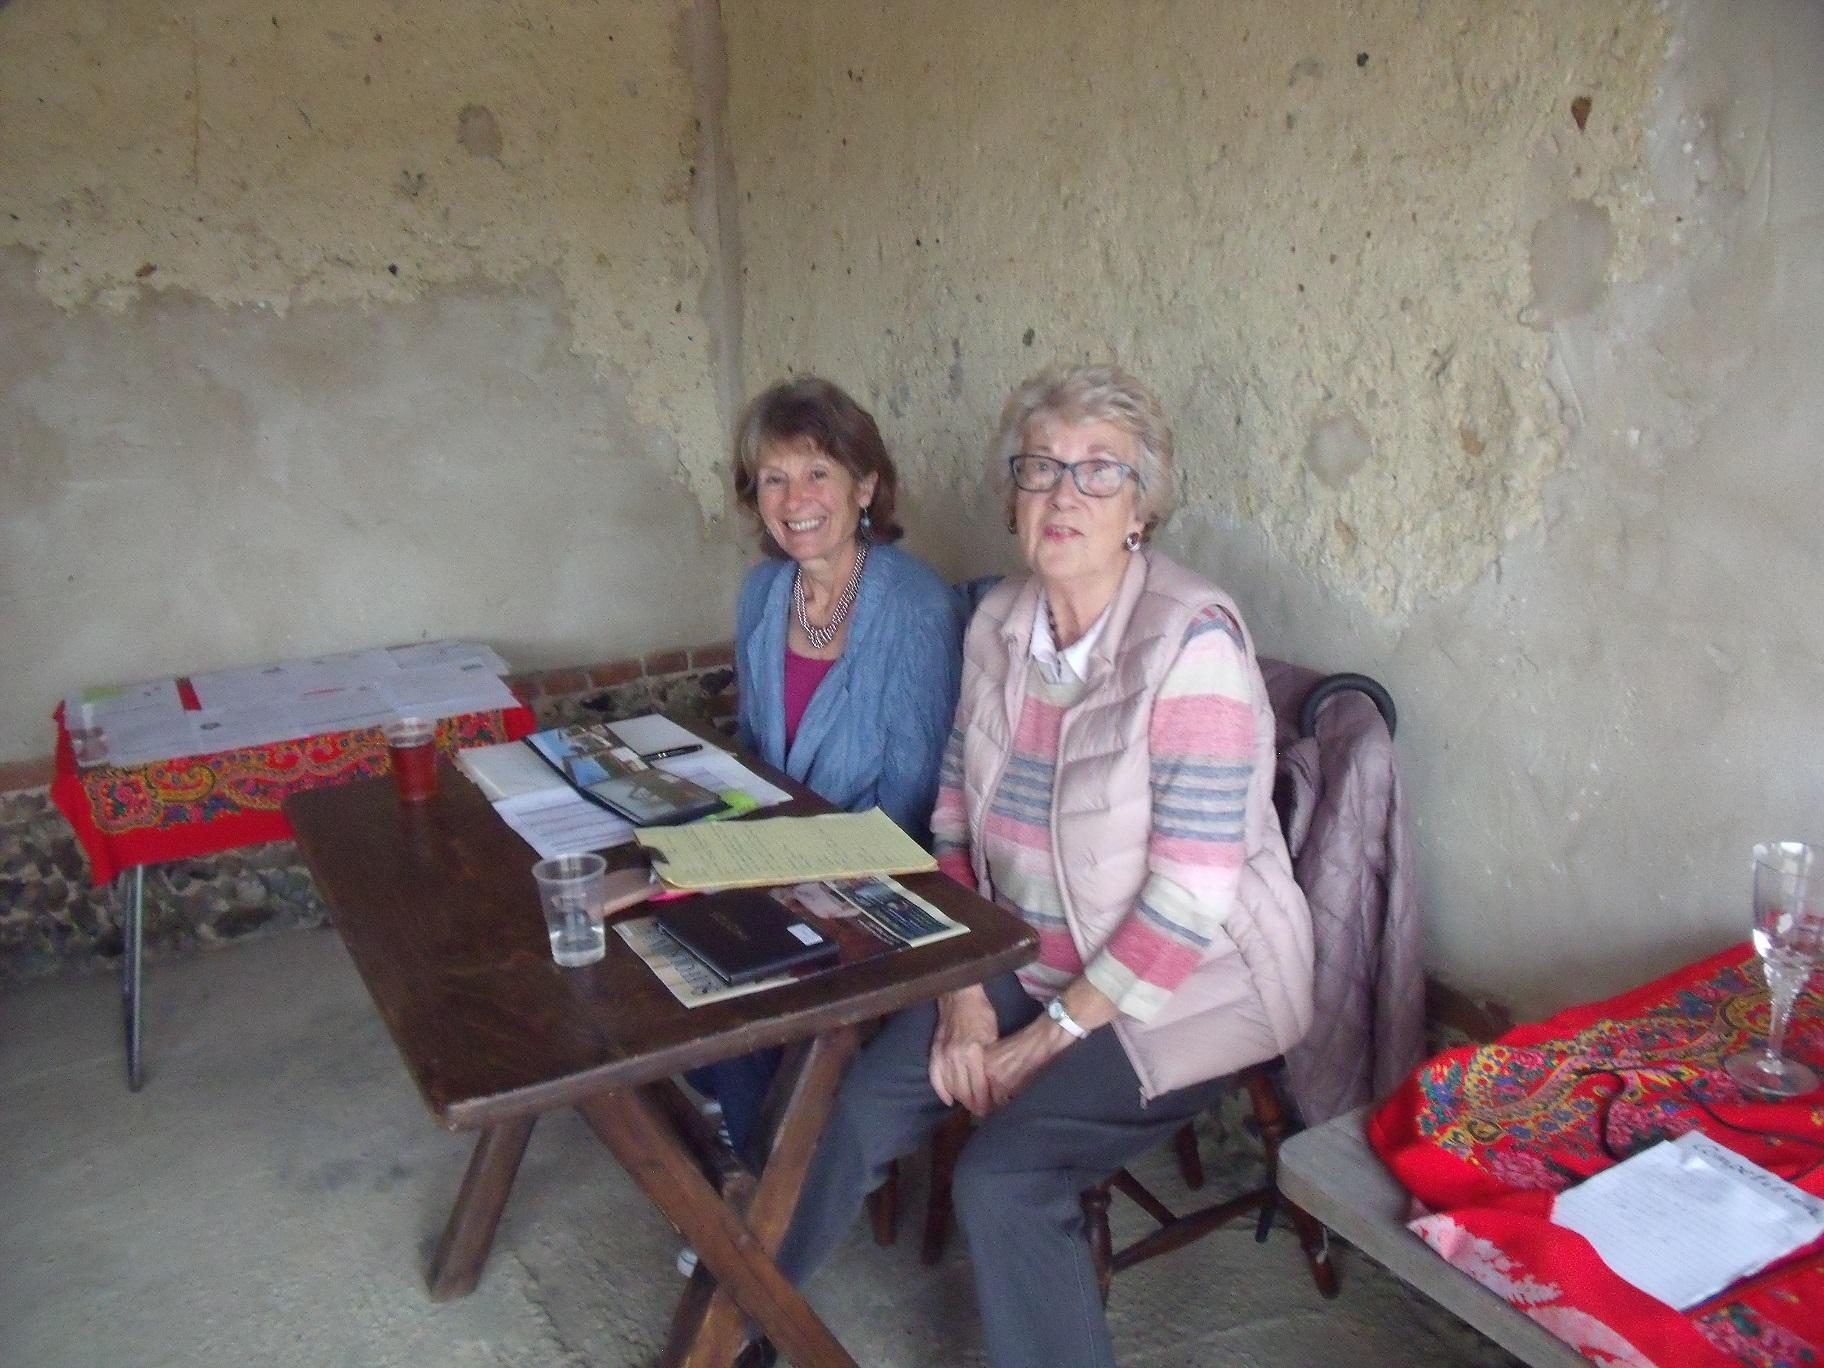 W.I. Joyce and Audrey